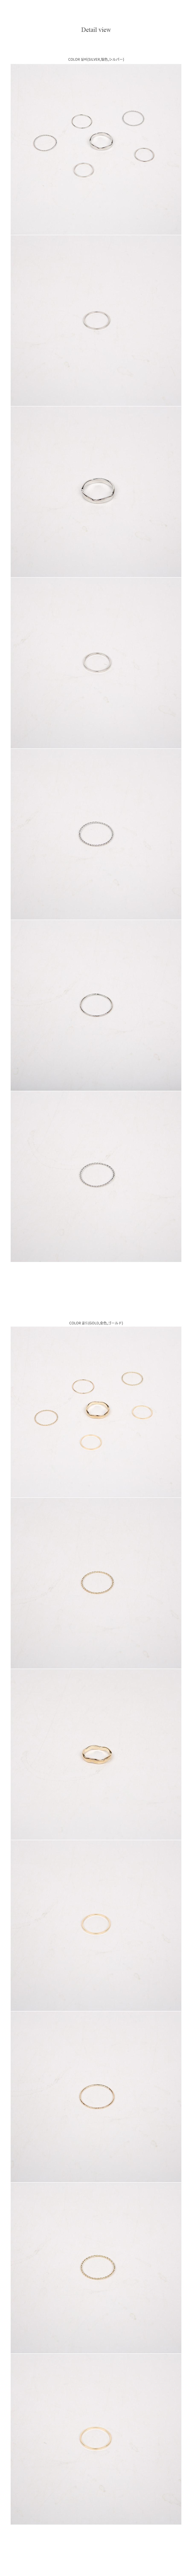 ELZ set ring